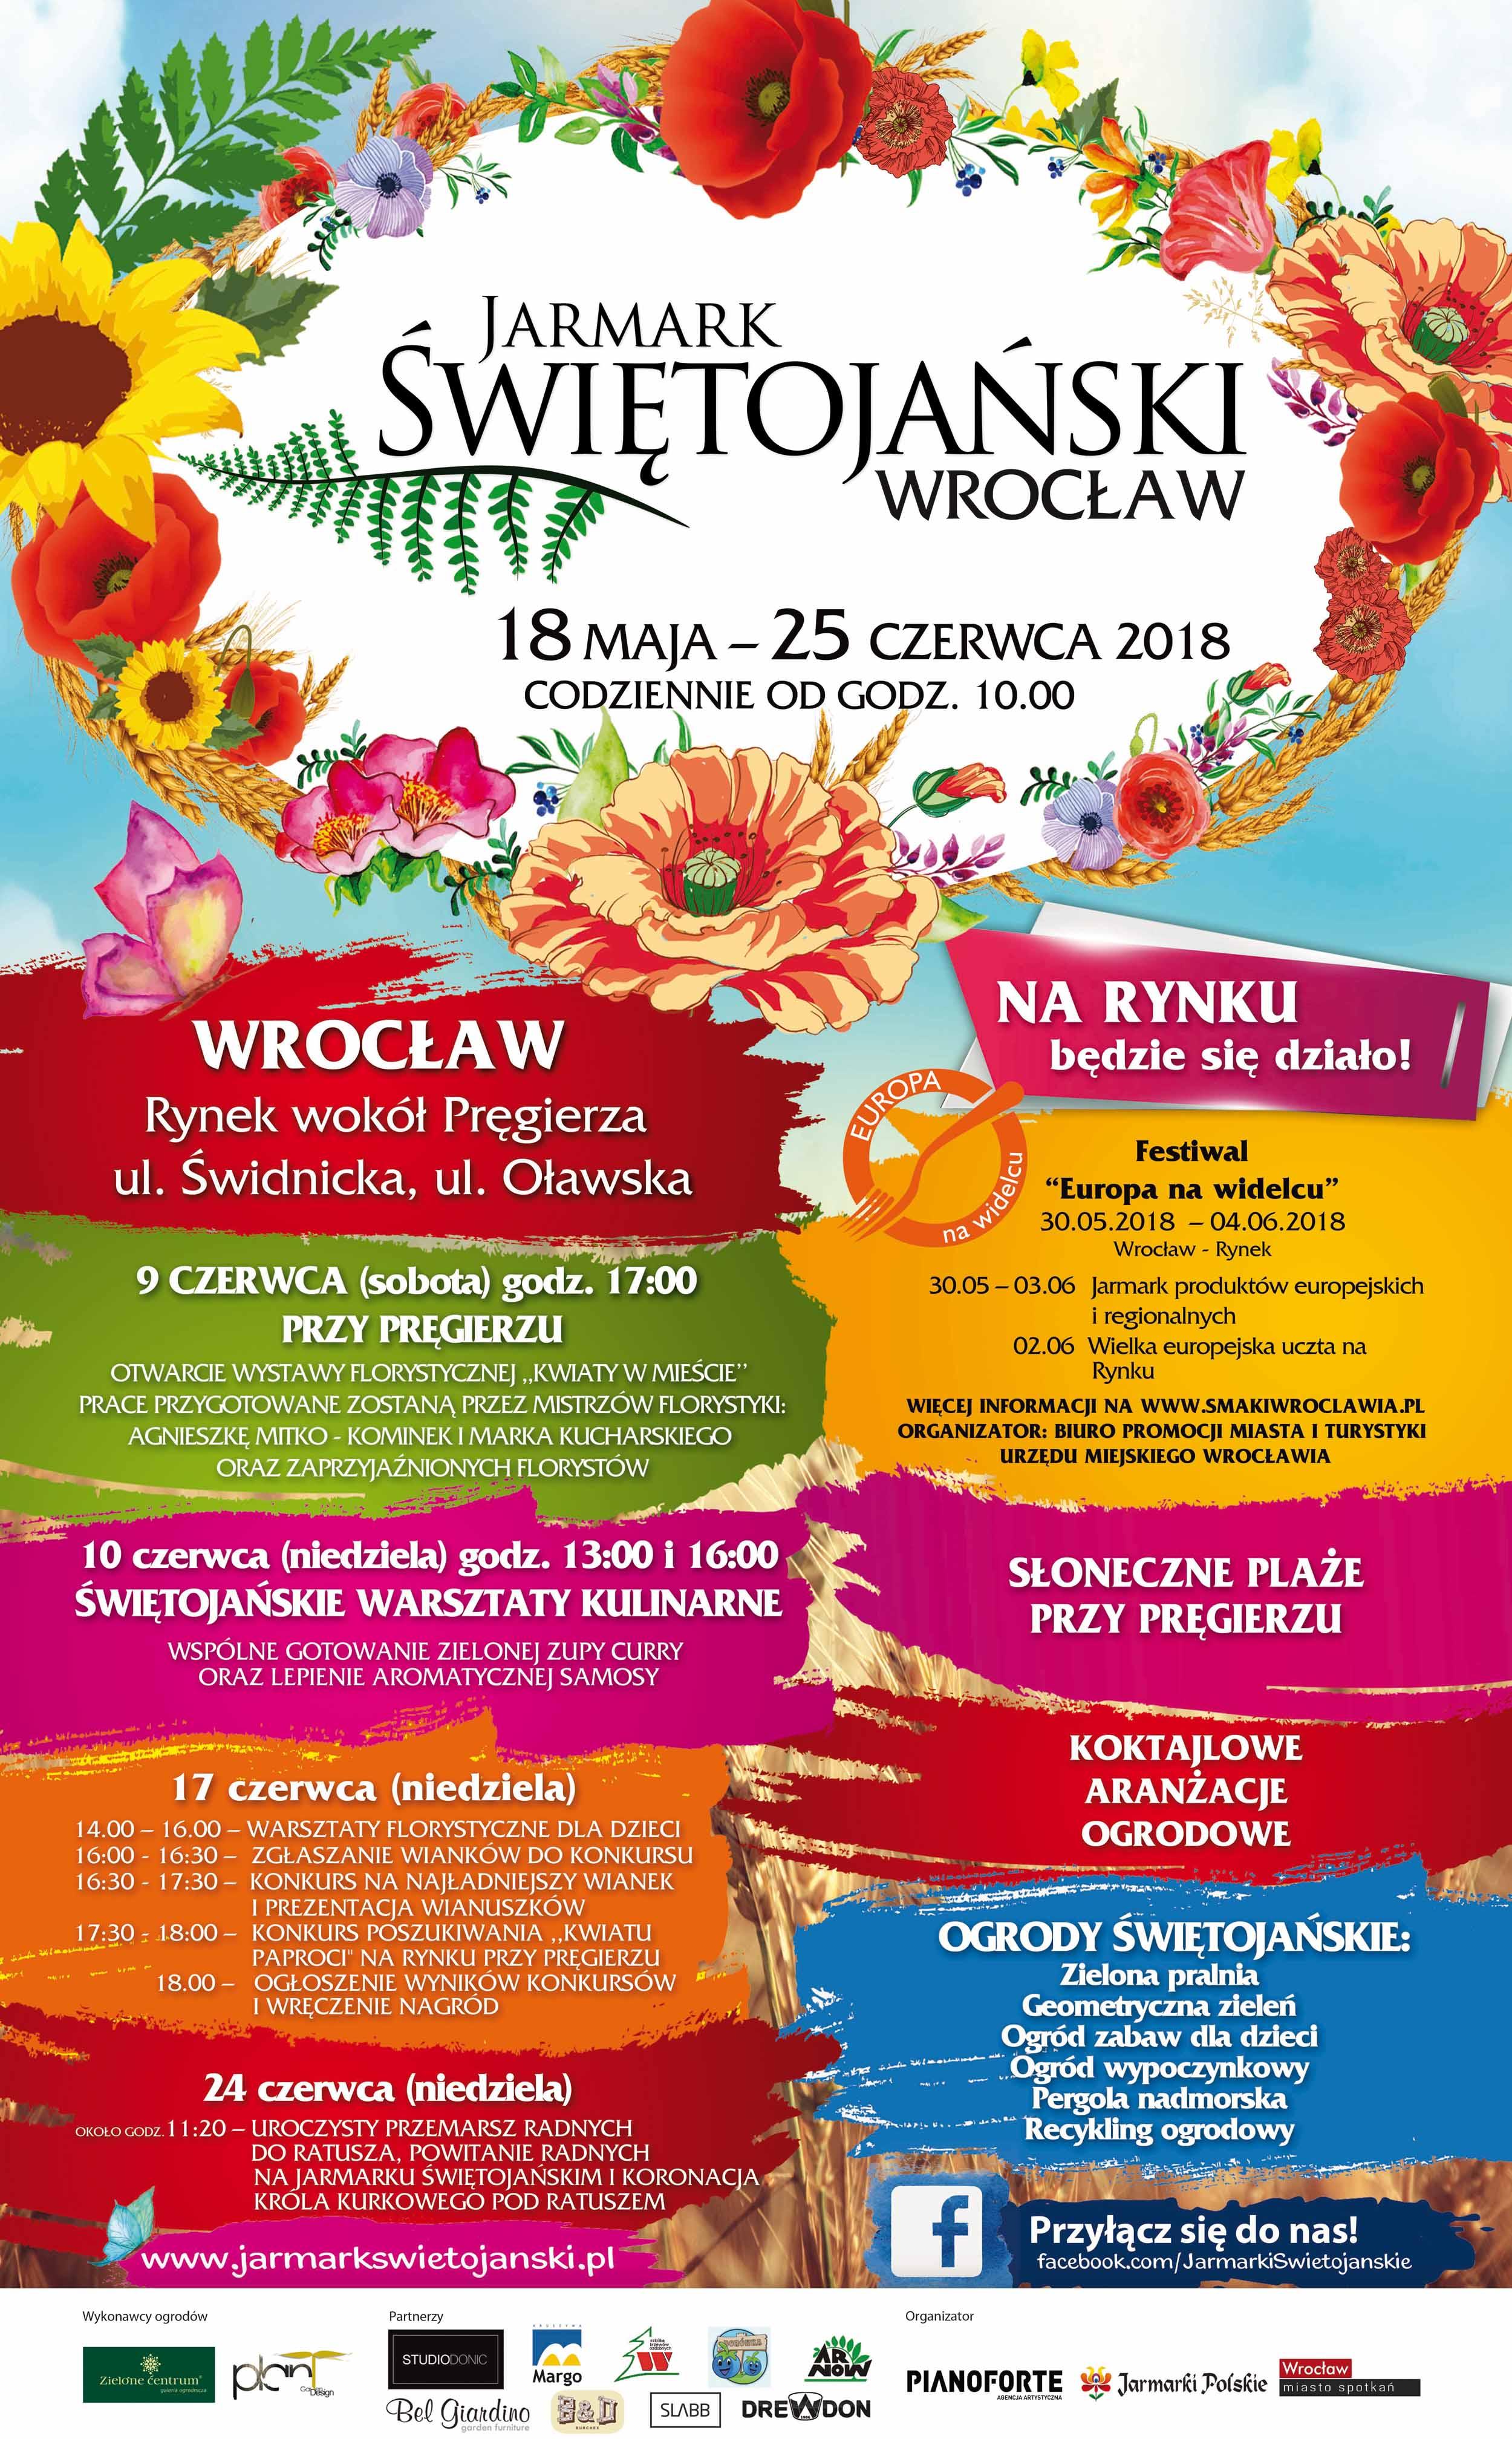 Jarmark  Świętojański we Wrocławiu